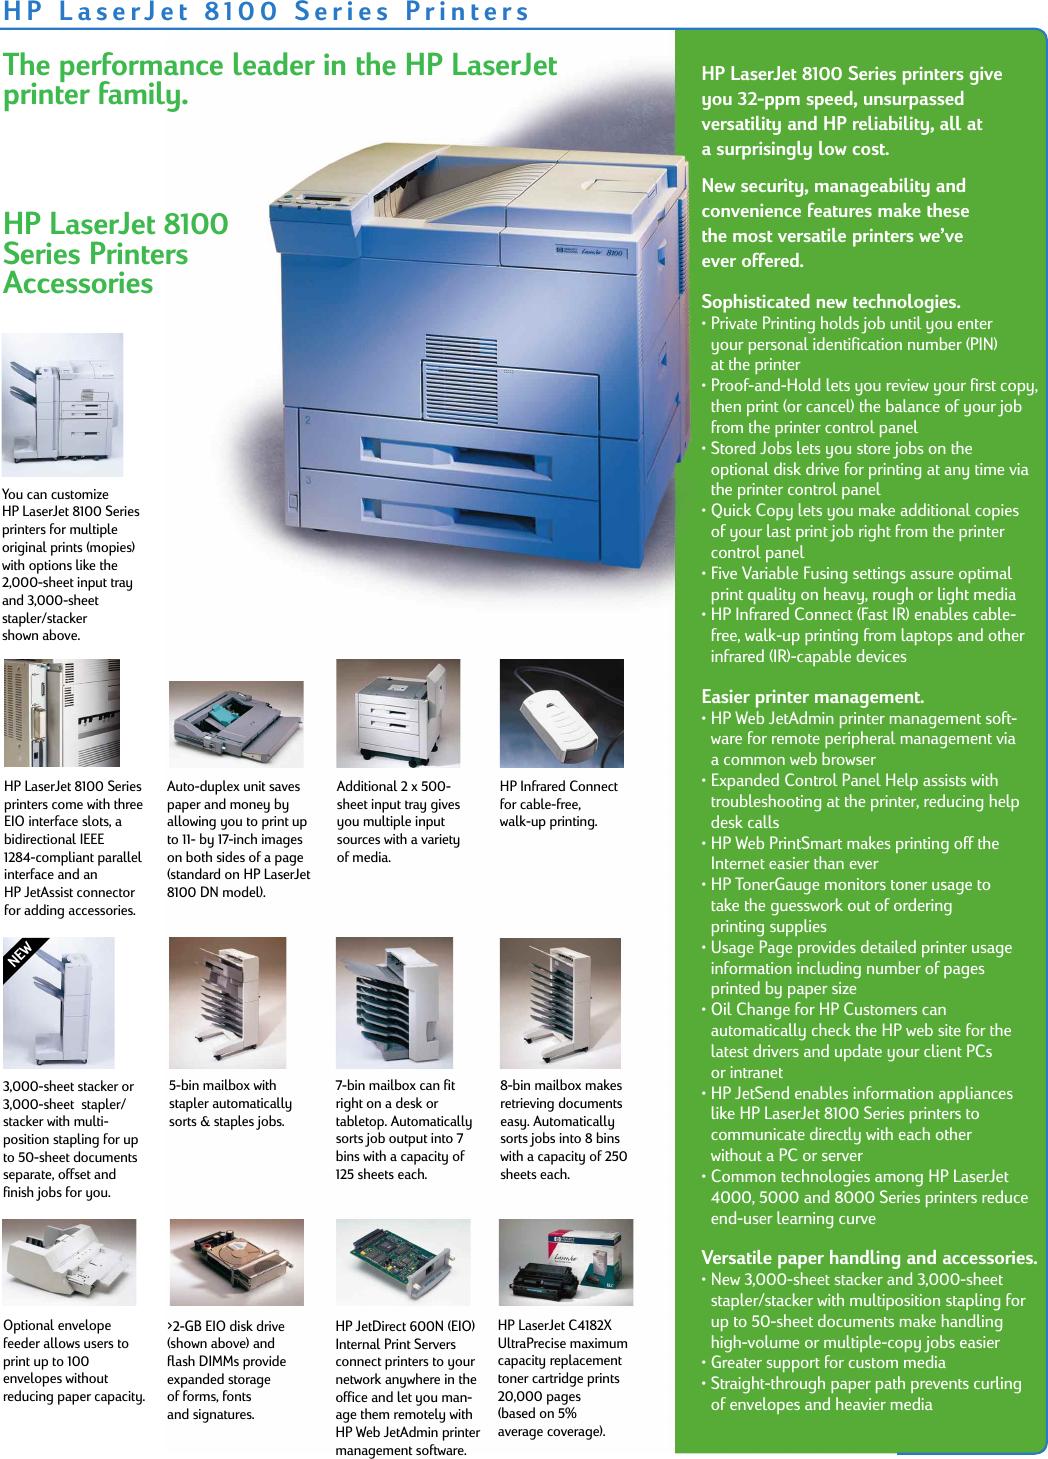 Staples Manual Printing